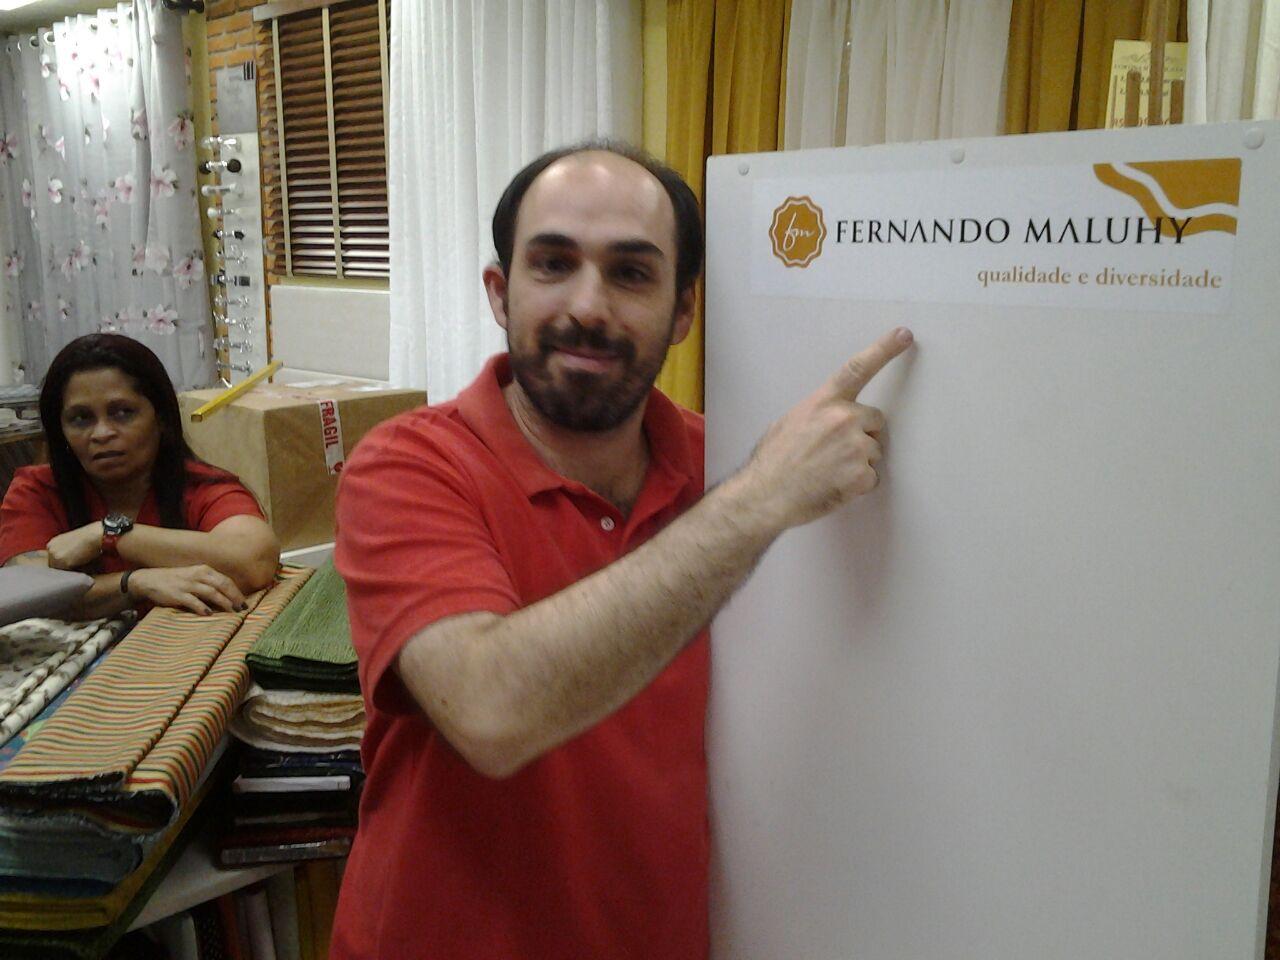 Leonardo - Mega em Megas apresentando Adesivo Maluhy